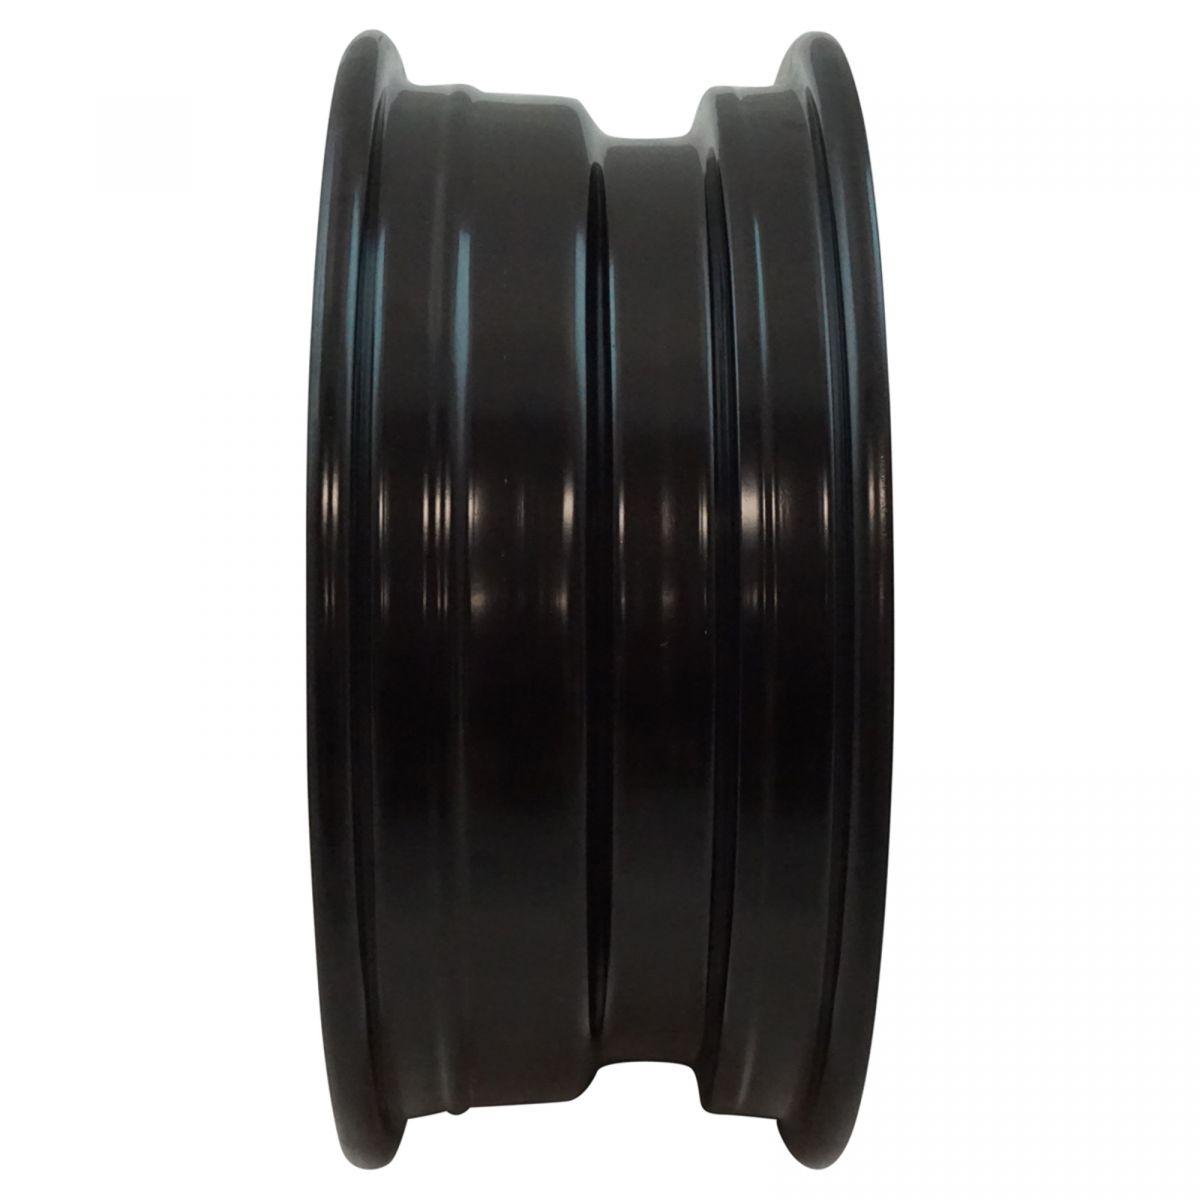 Dorman 939-114 Steel Wheel Rim 15 inch for 04-06 Hyundai Elantra Brand New